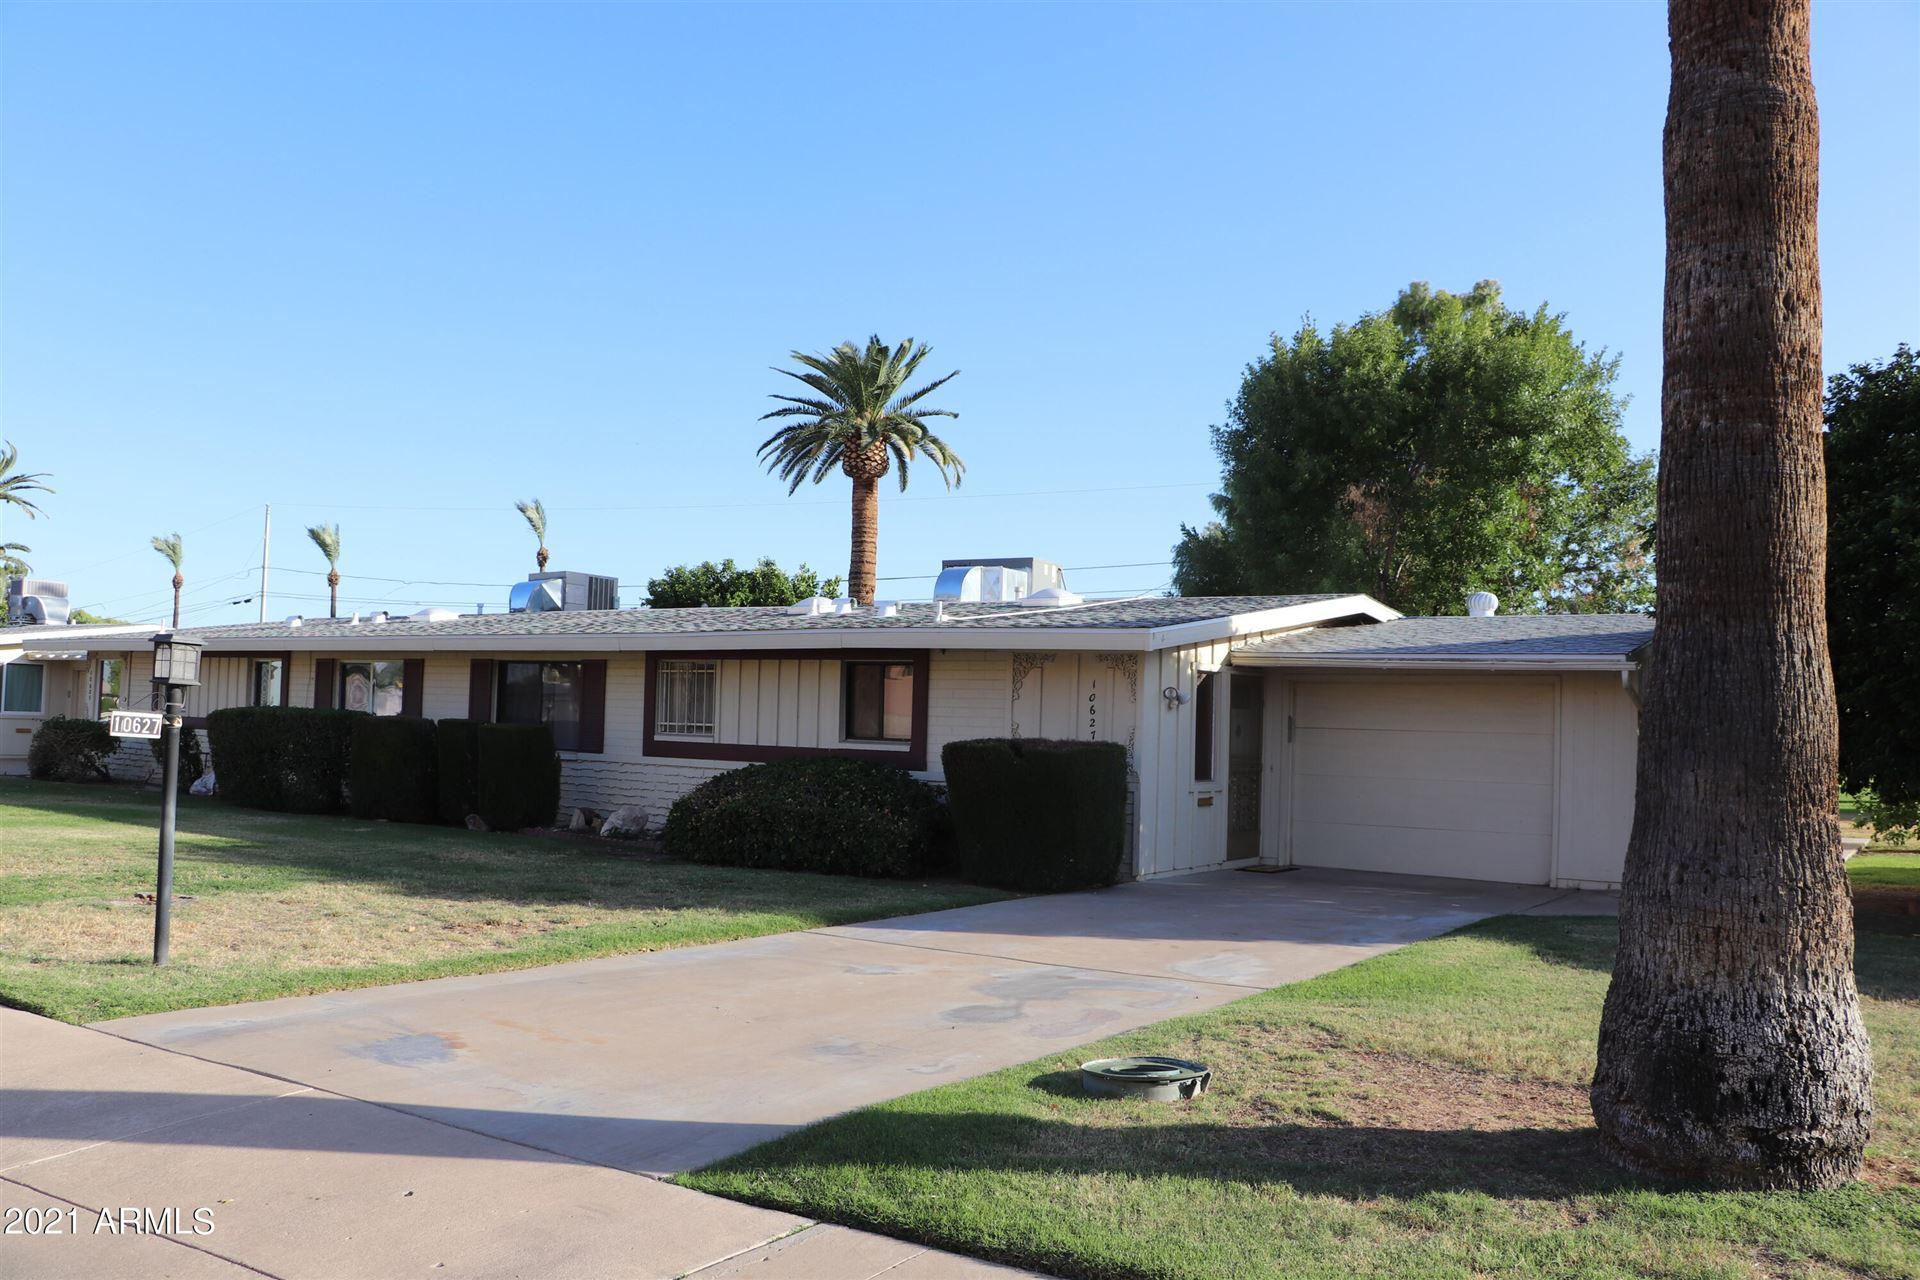 Photo of 10627 W OAKMONT Drive W, Sun City, AZ 85351 (MLS # 6299976)